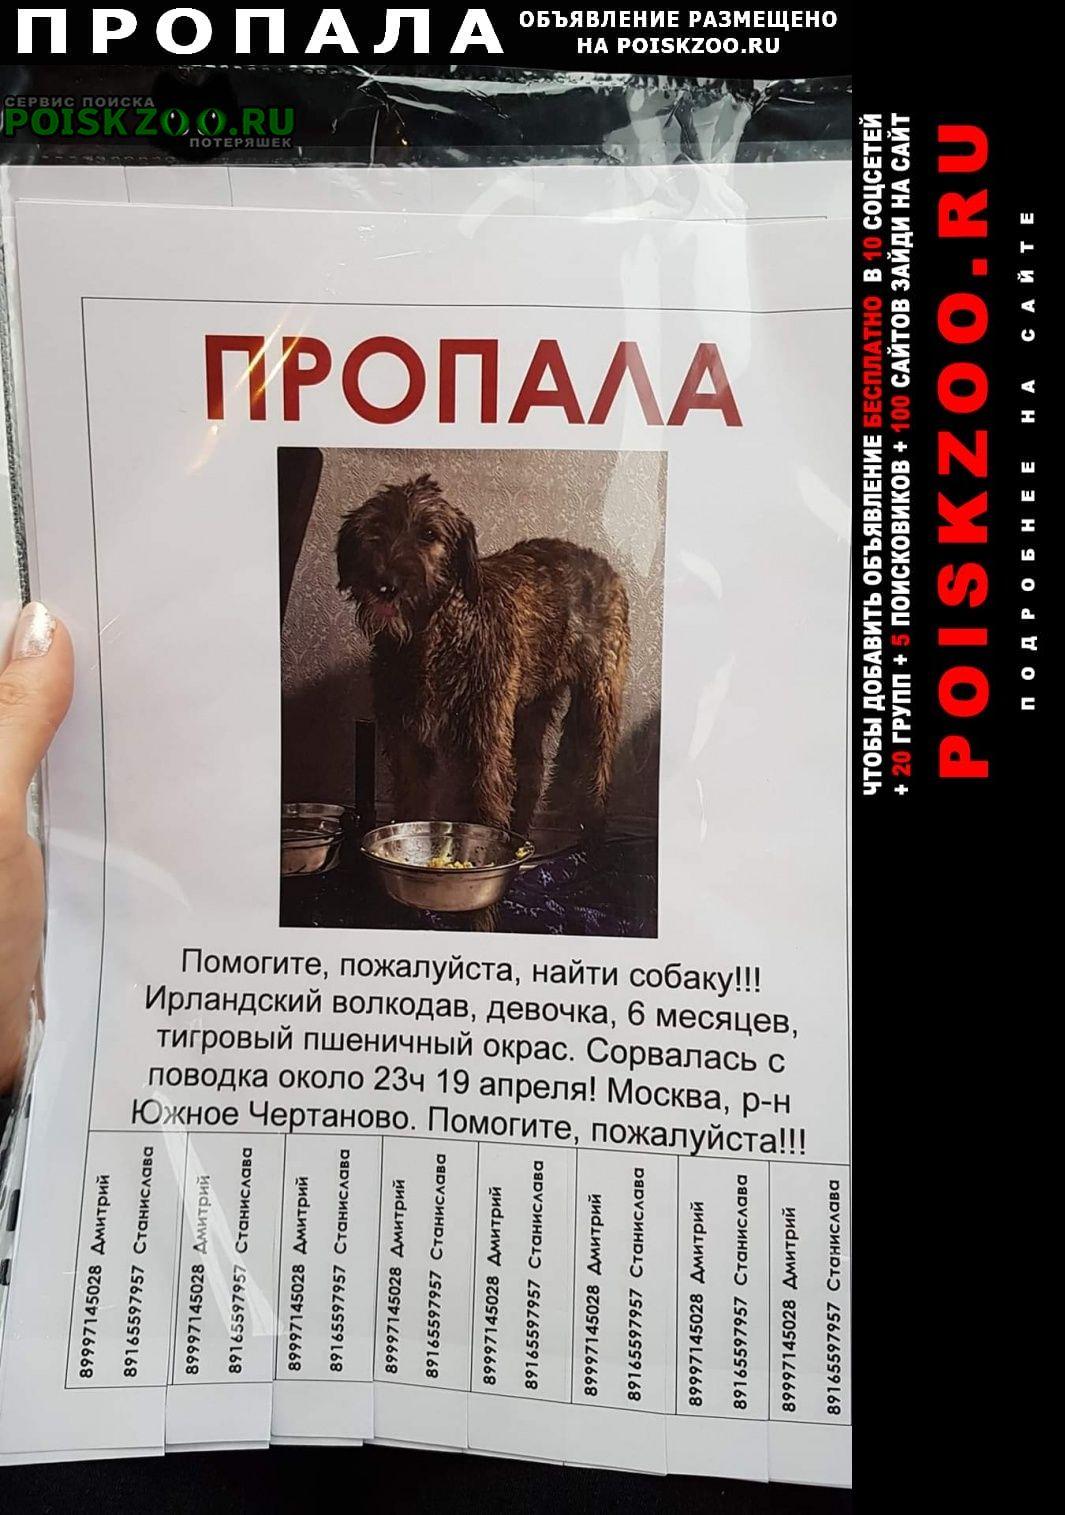 Пропала собака откликнитесь помогите найти Москва